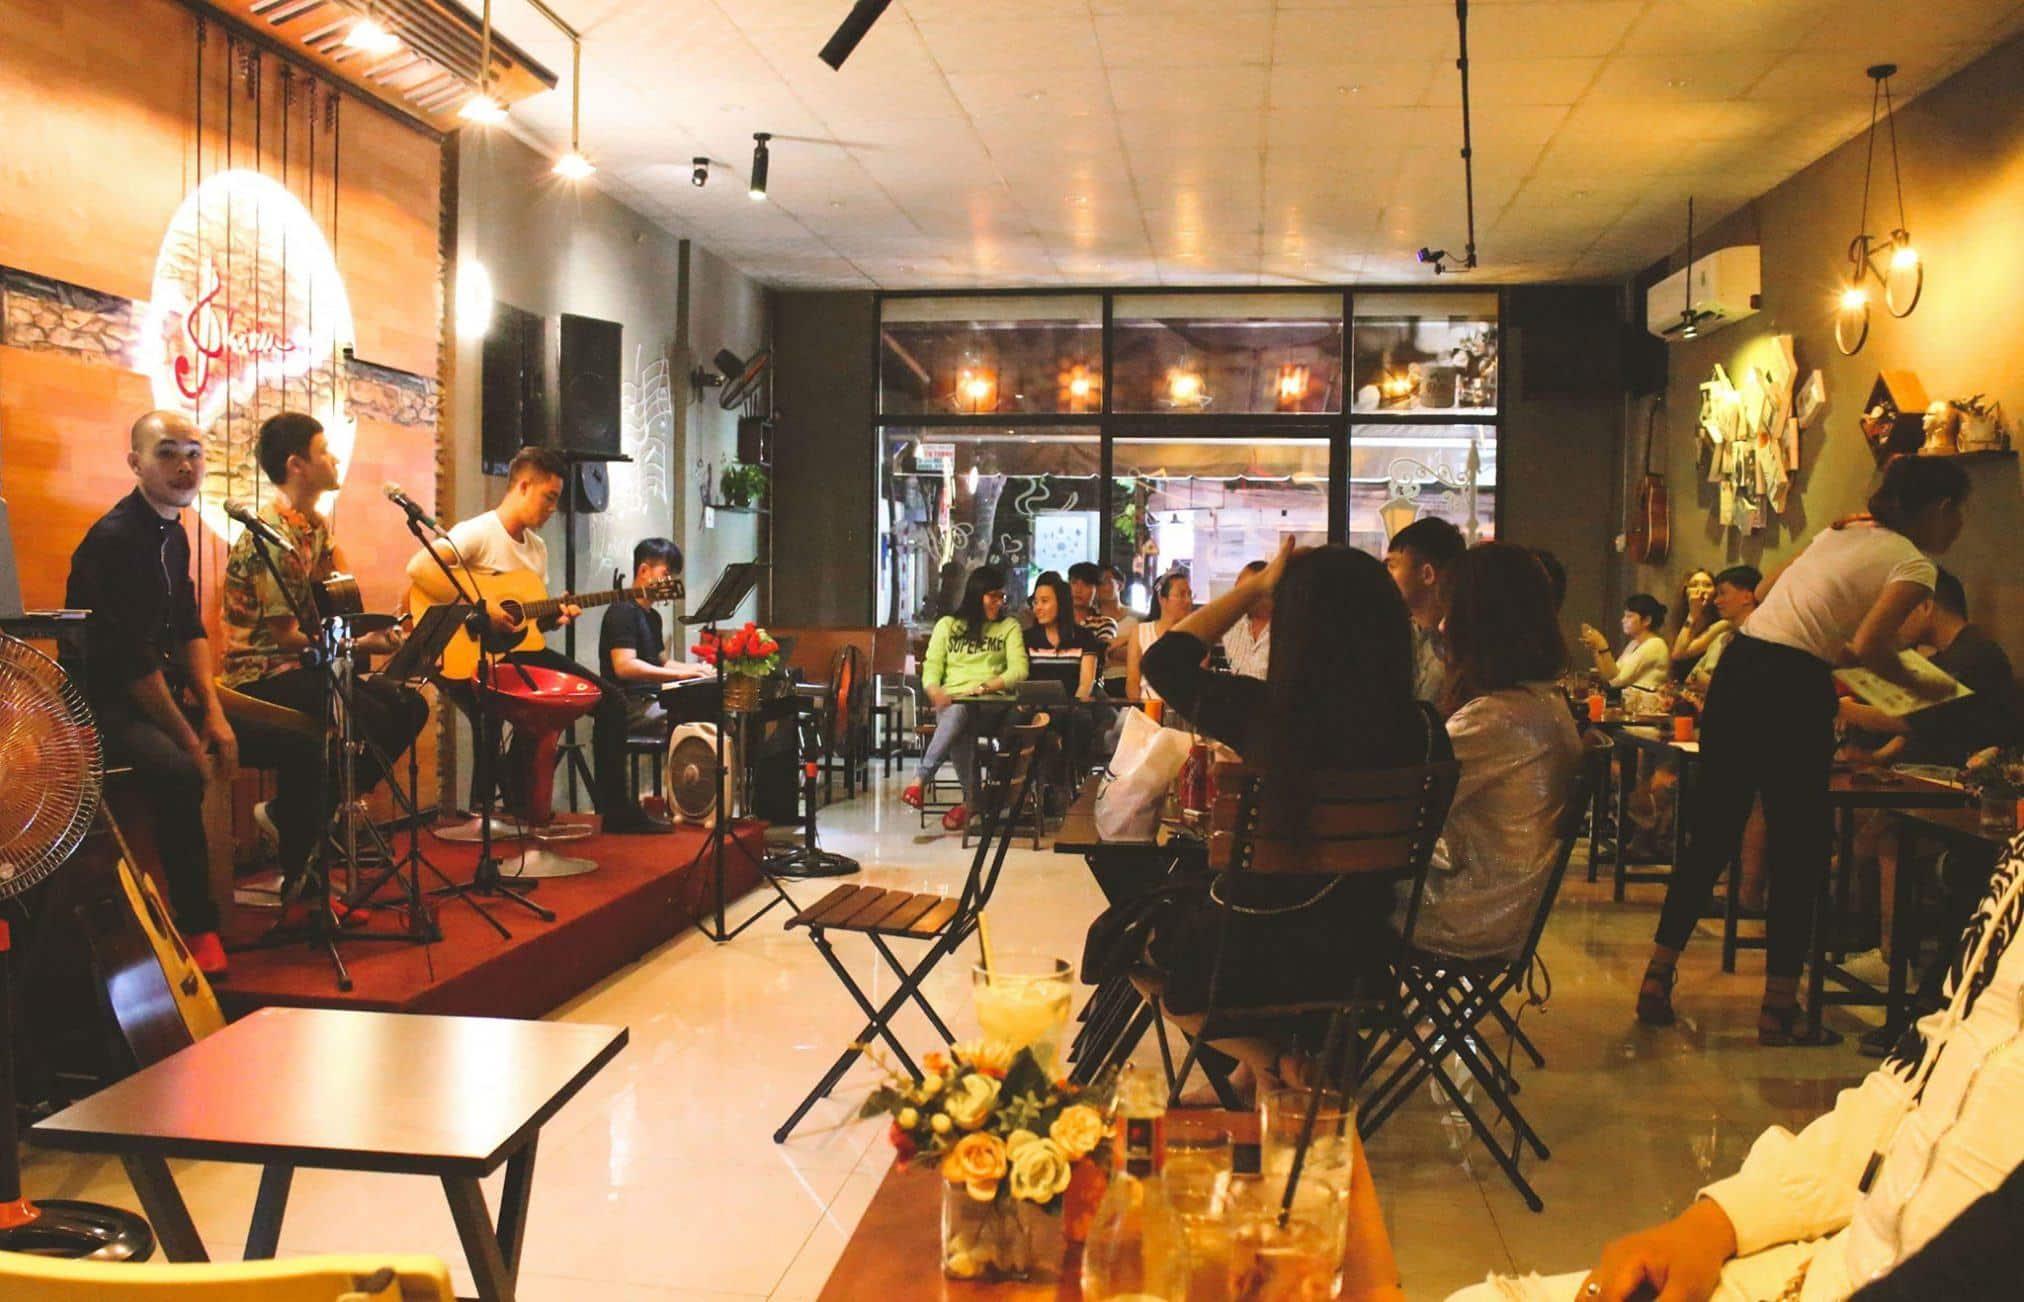 Top 10 quán cafe nhạc sống Hà Nội cực chất cho giới trẻ